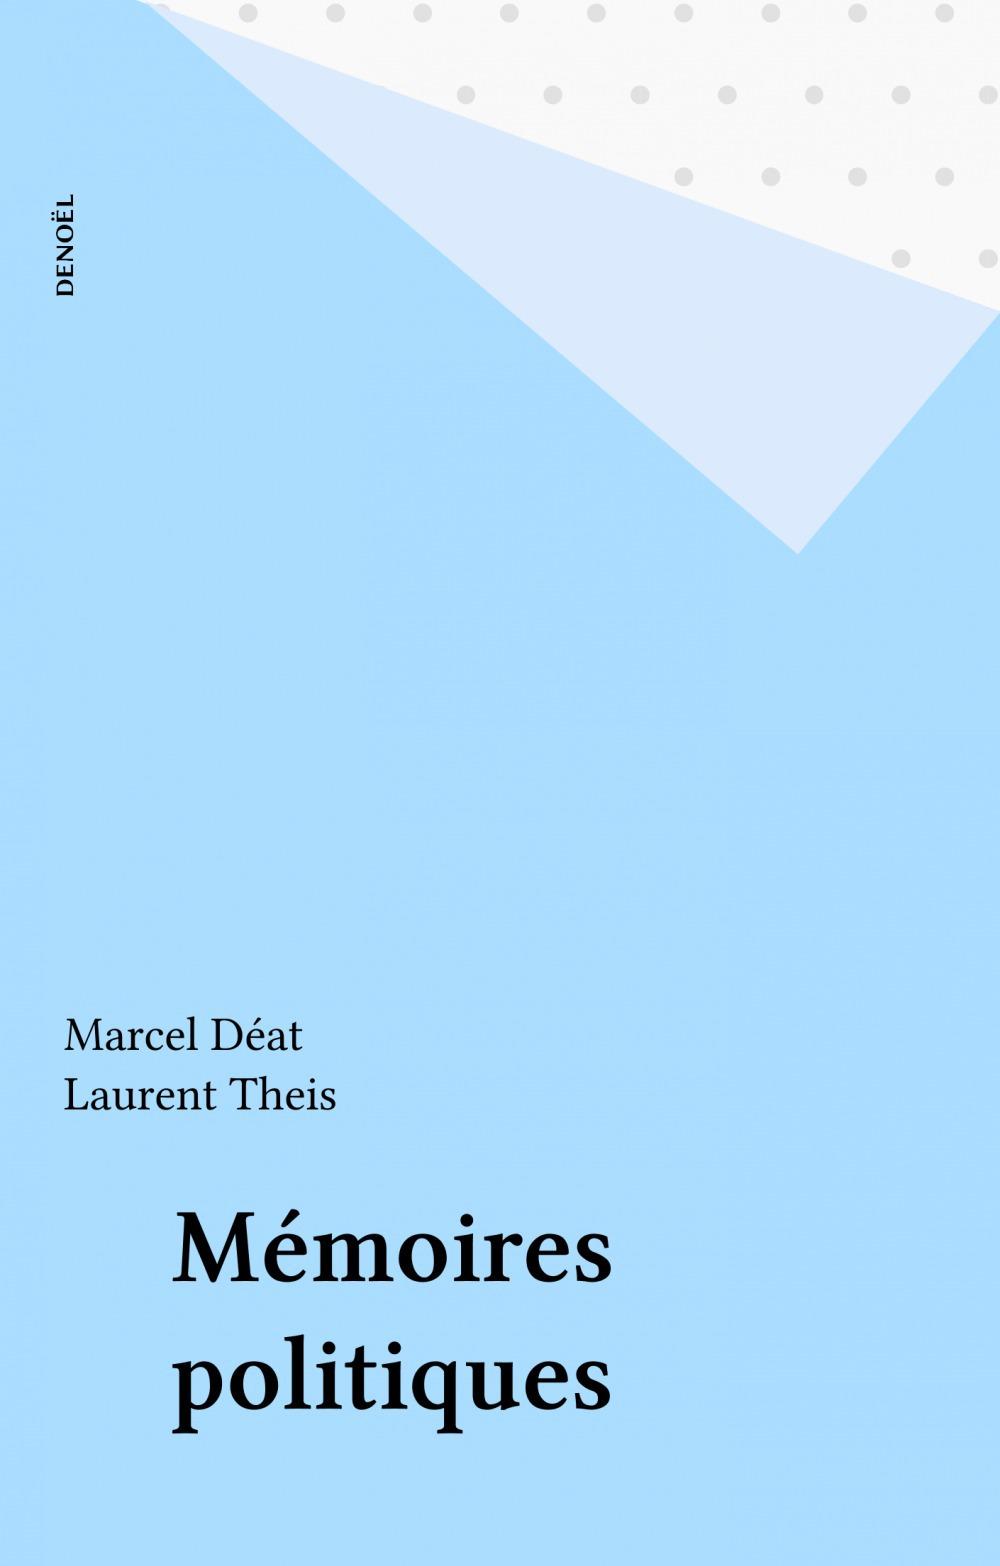 Memoires politiques